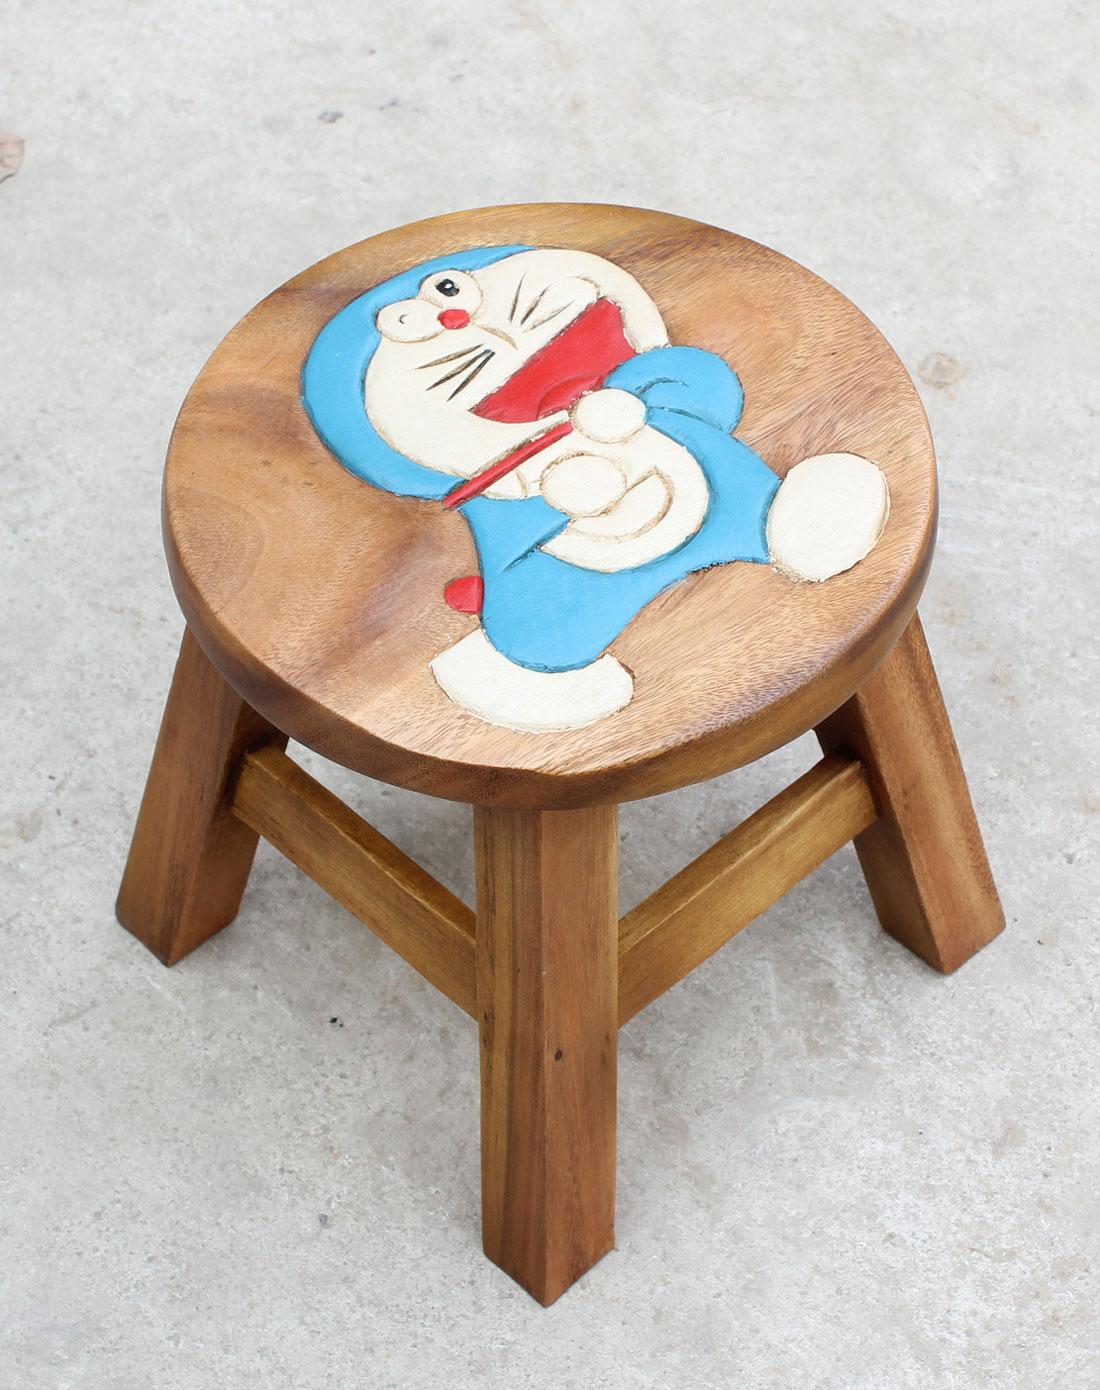 泰国柚手工制作家居木凳-机器猫(一对装)